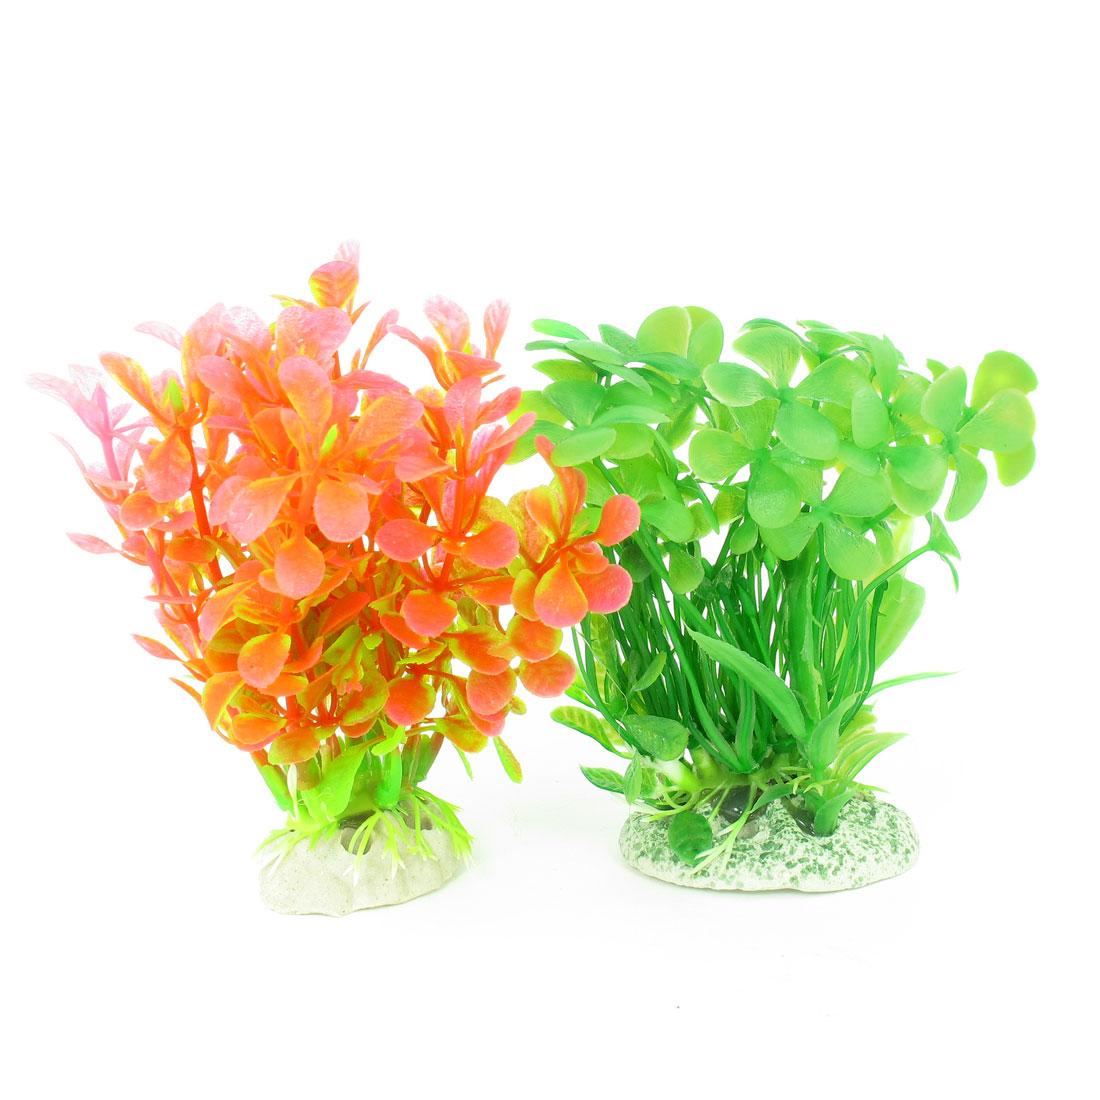 """2 Pcs Green Pink Emulational Fish Tank Aquarium Grasses Decor 4.3"""" High"""